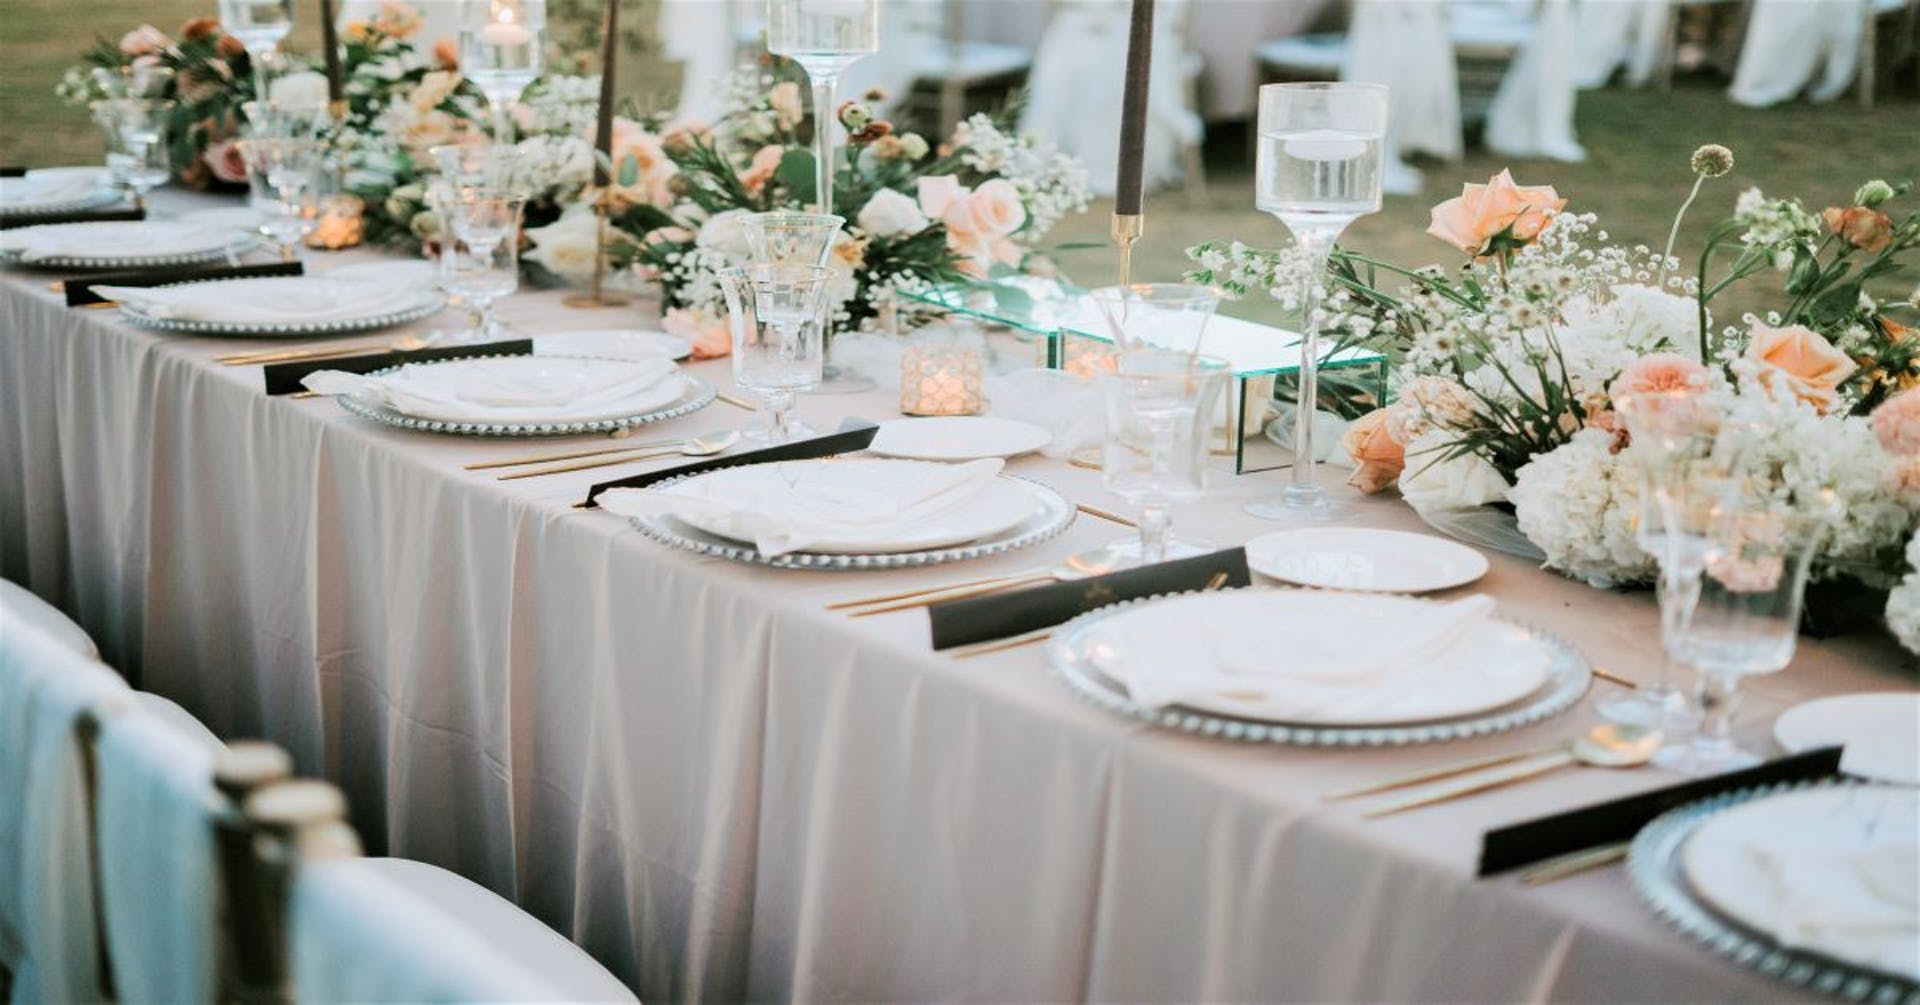 +5 estilos de decoración de mesas de boda que ninguno de tus invitados olvidará